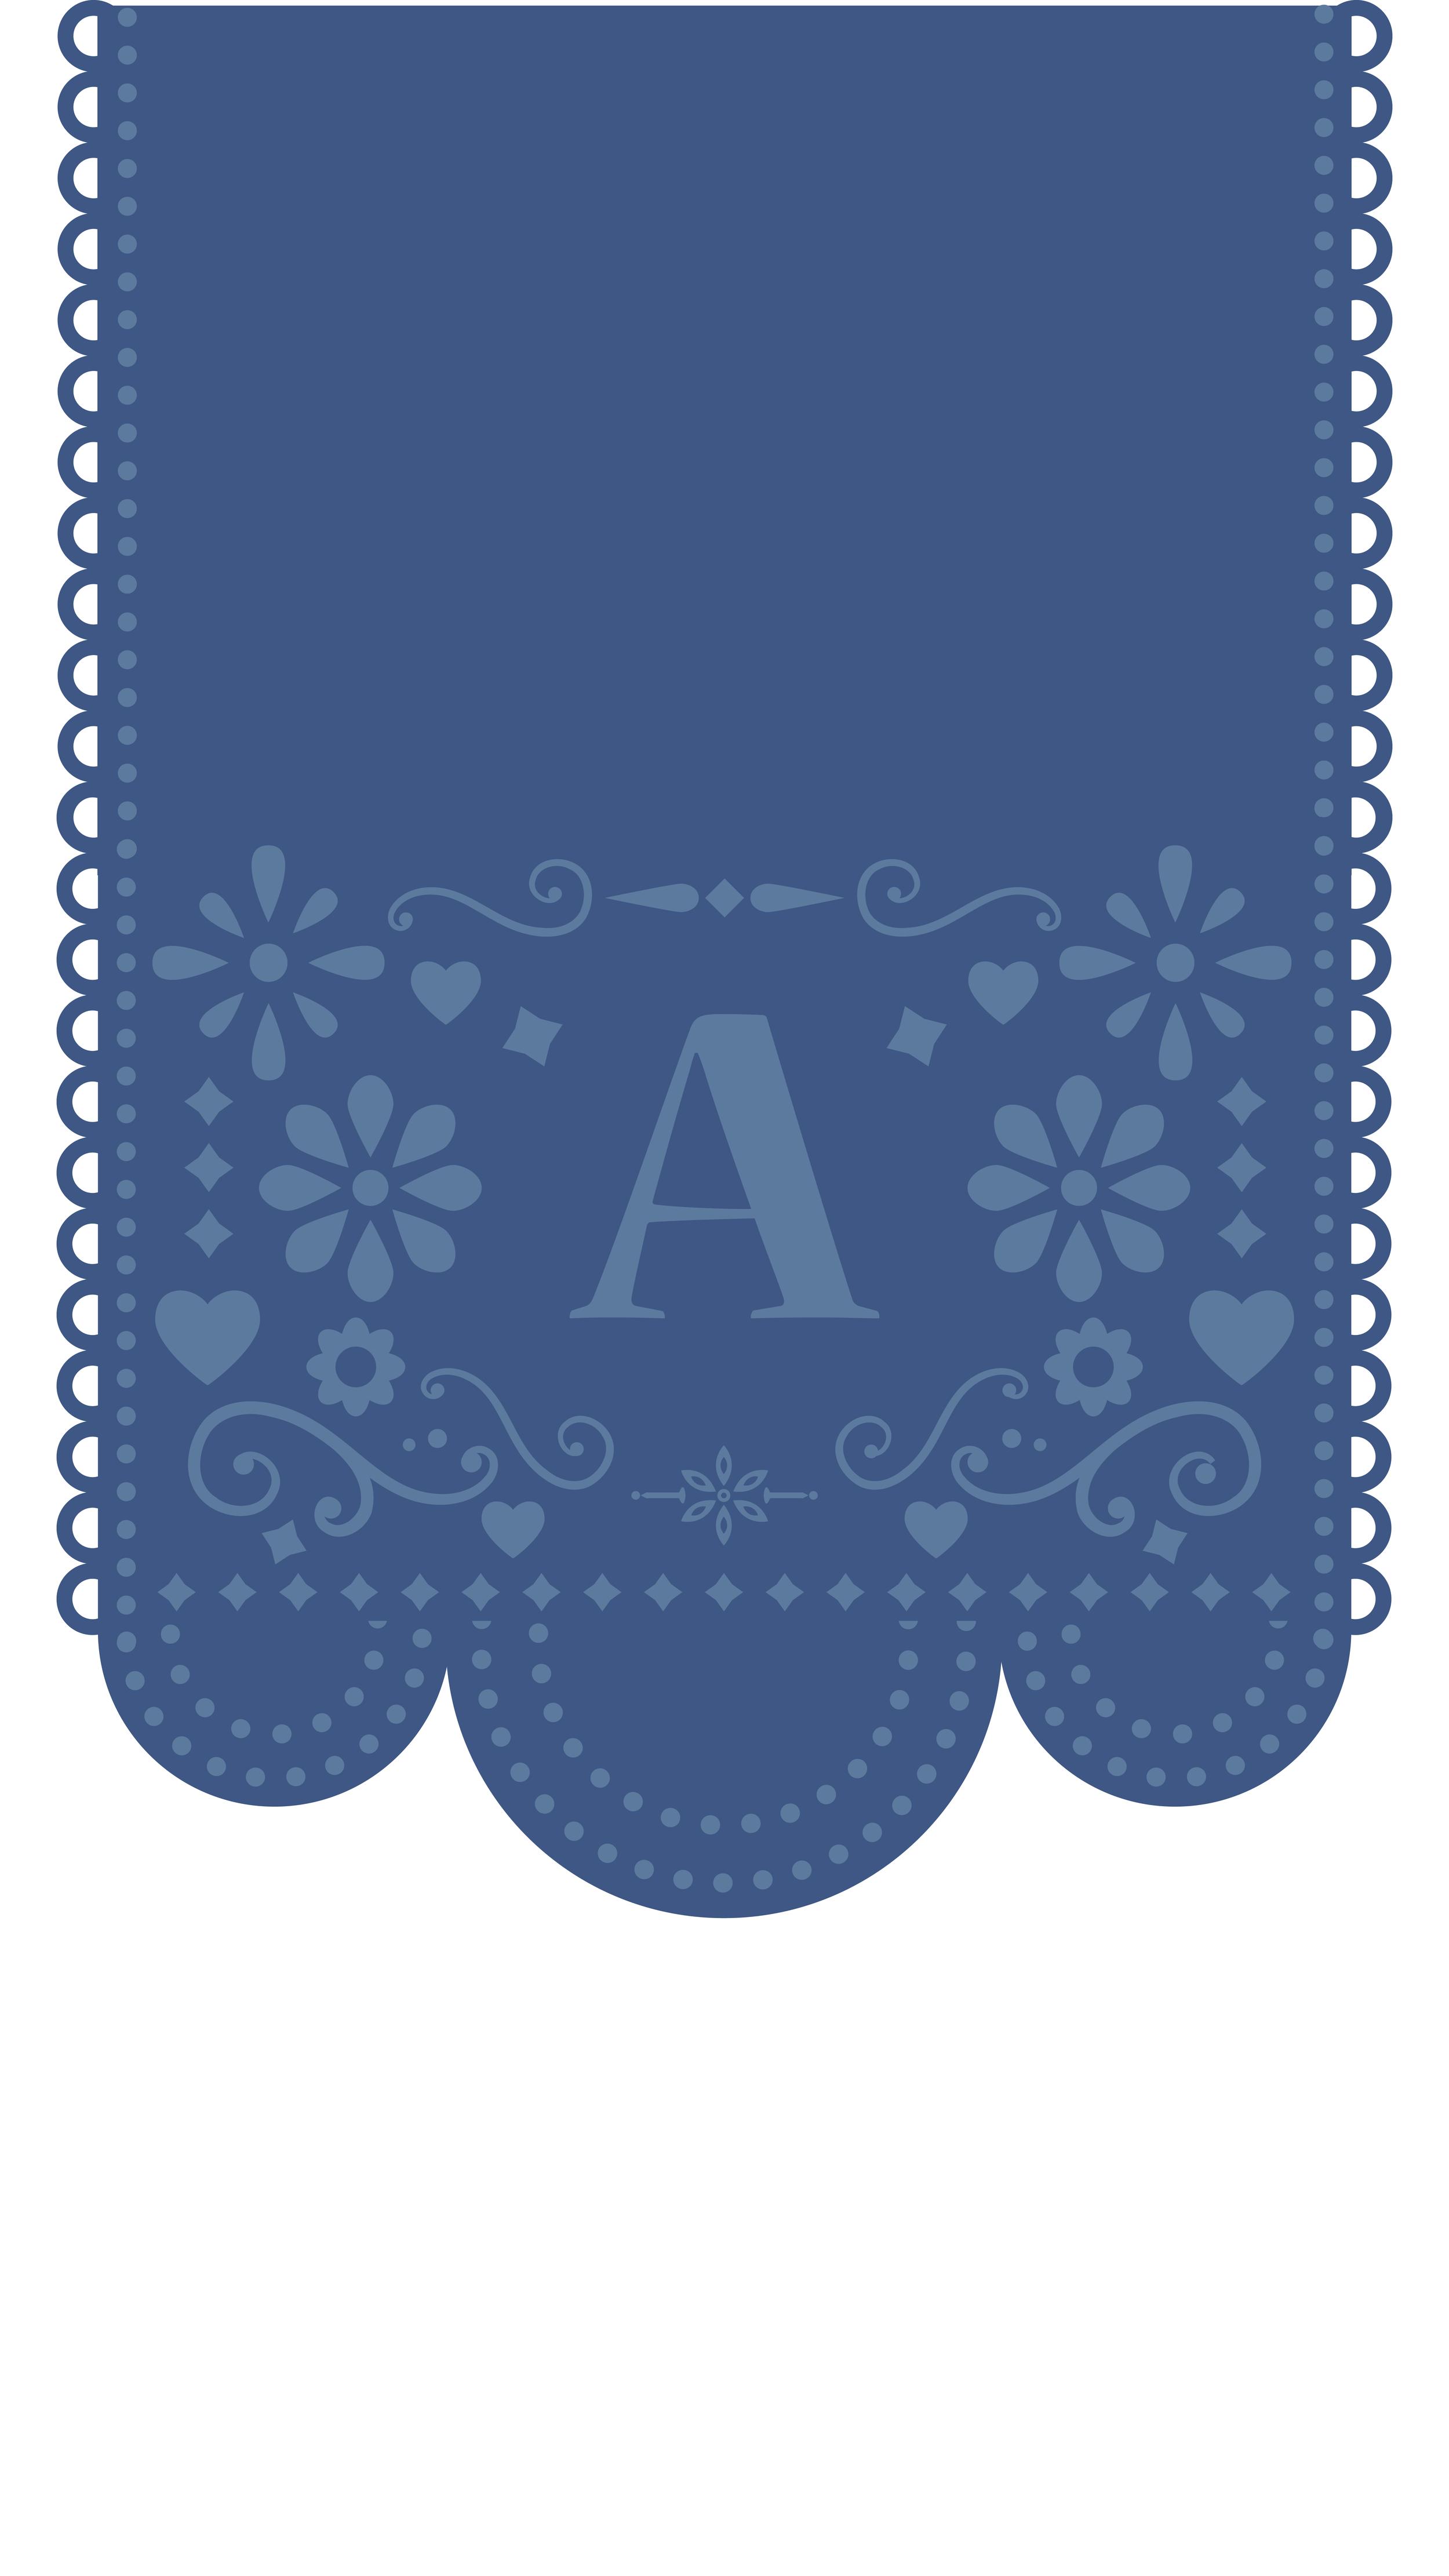 a-fiesta-banner.png